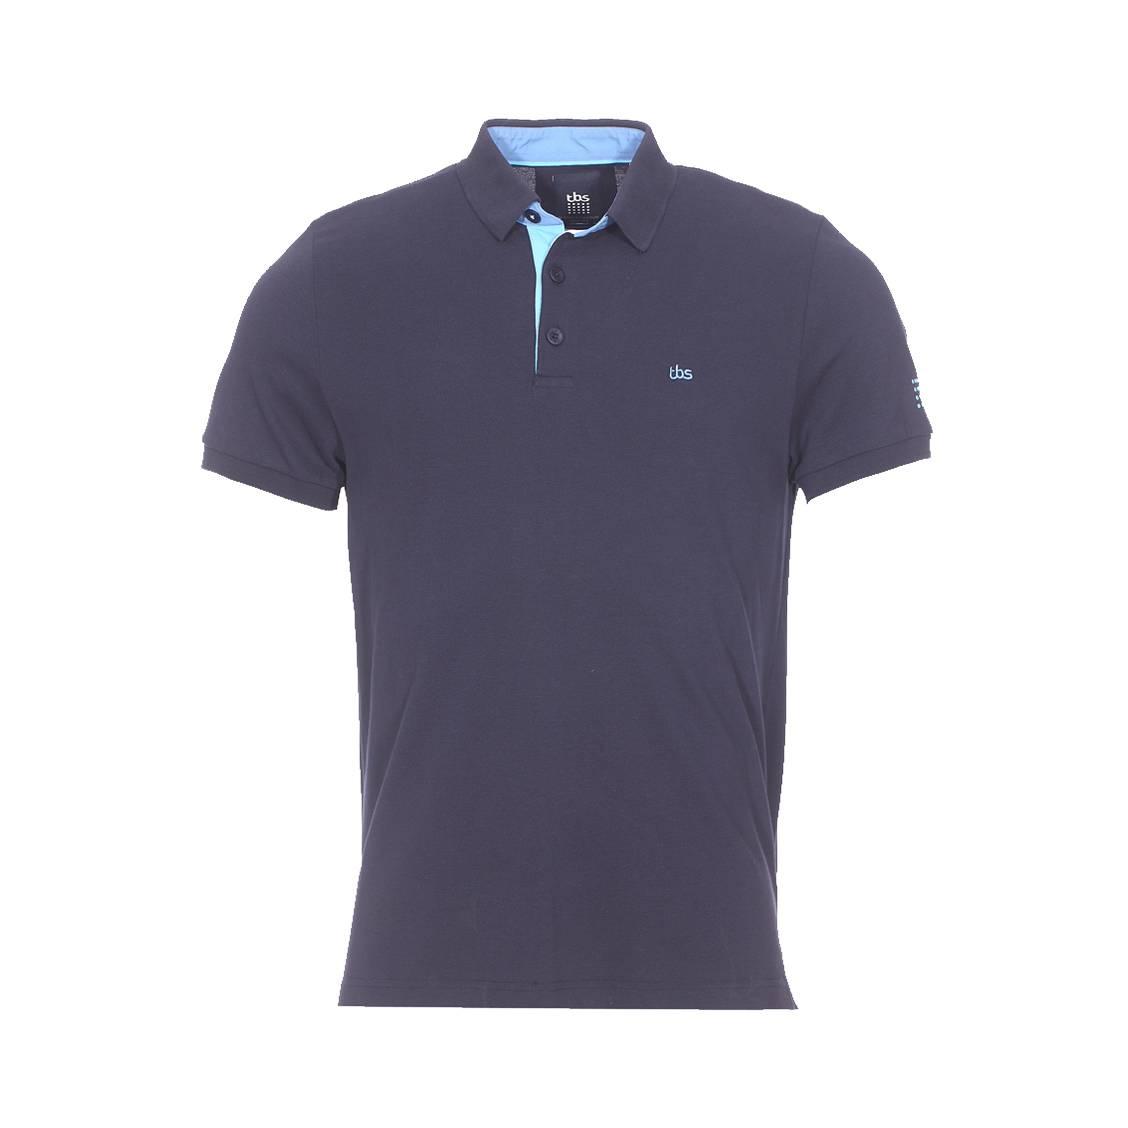 Polo TBS Lionpolo en coton bleu nuit à rayures bordeaux et blanches IOJgvqM0